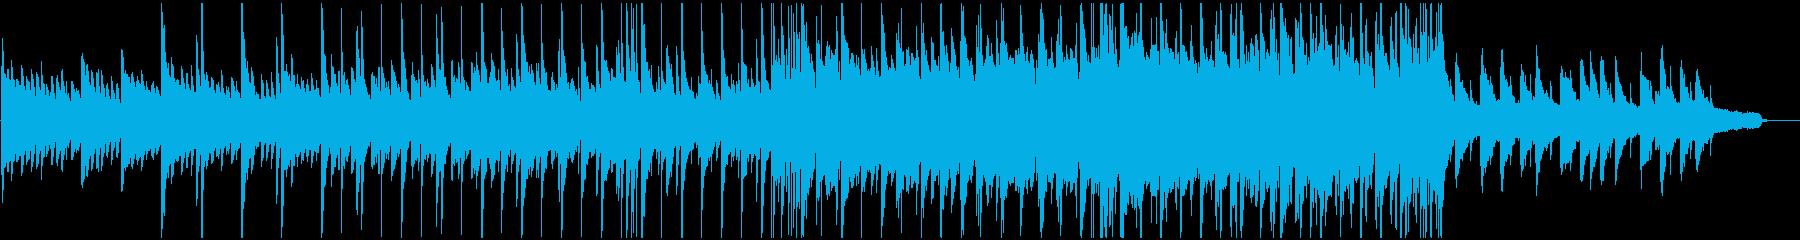 感動的シーンなどに。ピアノバラードBGMの再生済みの波形